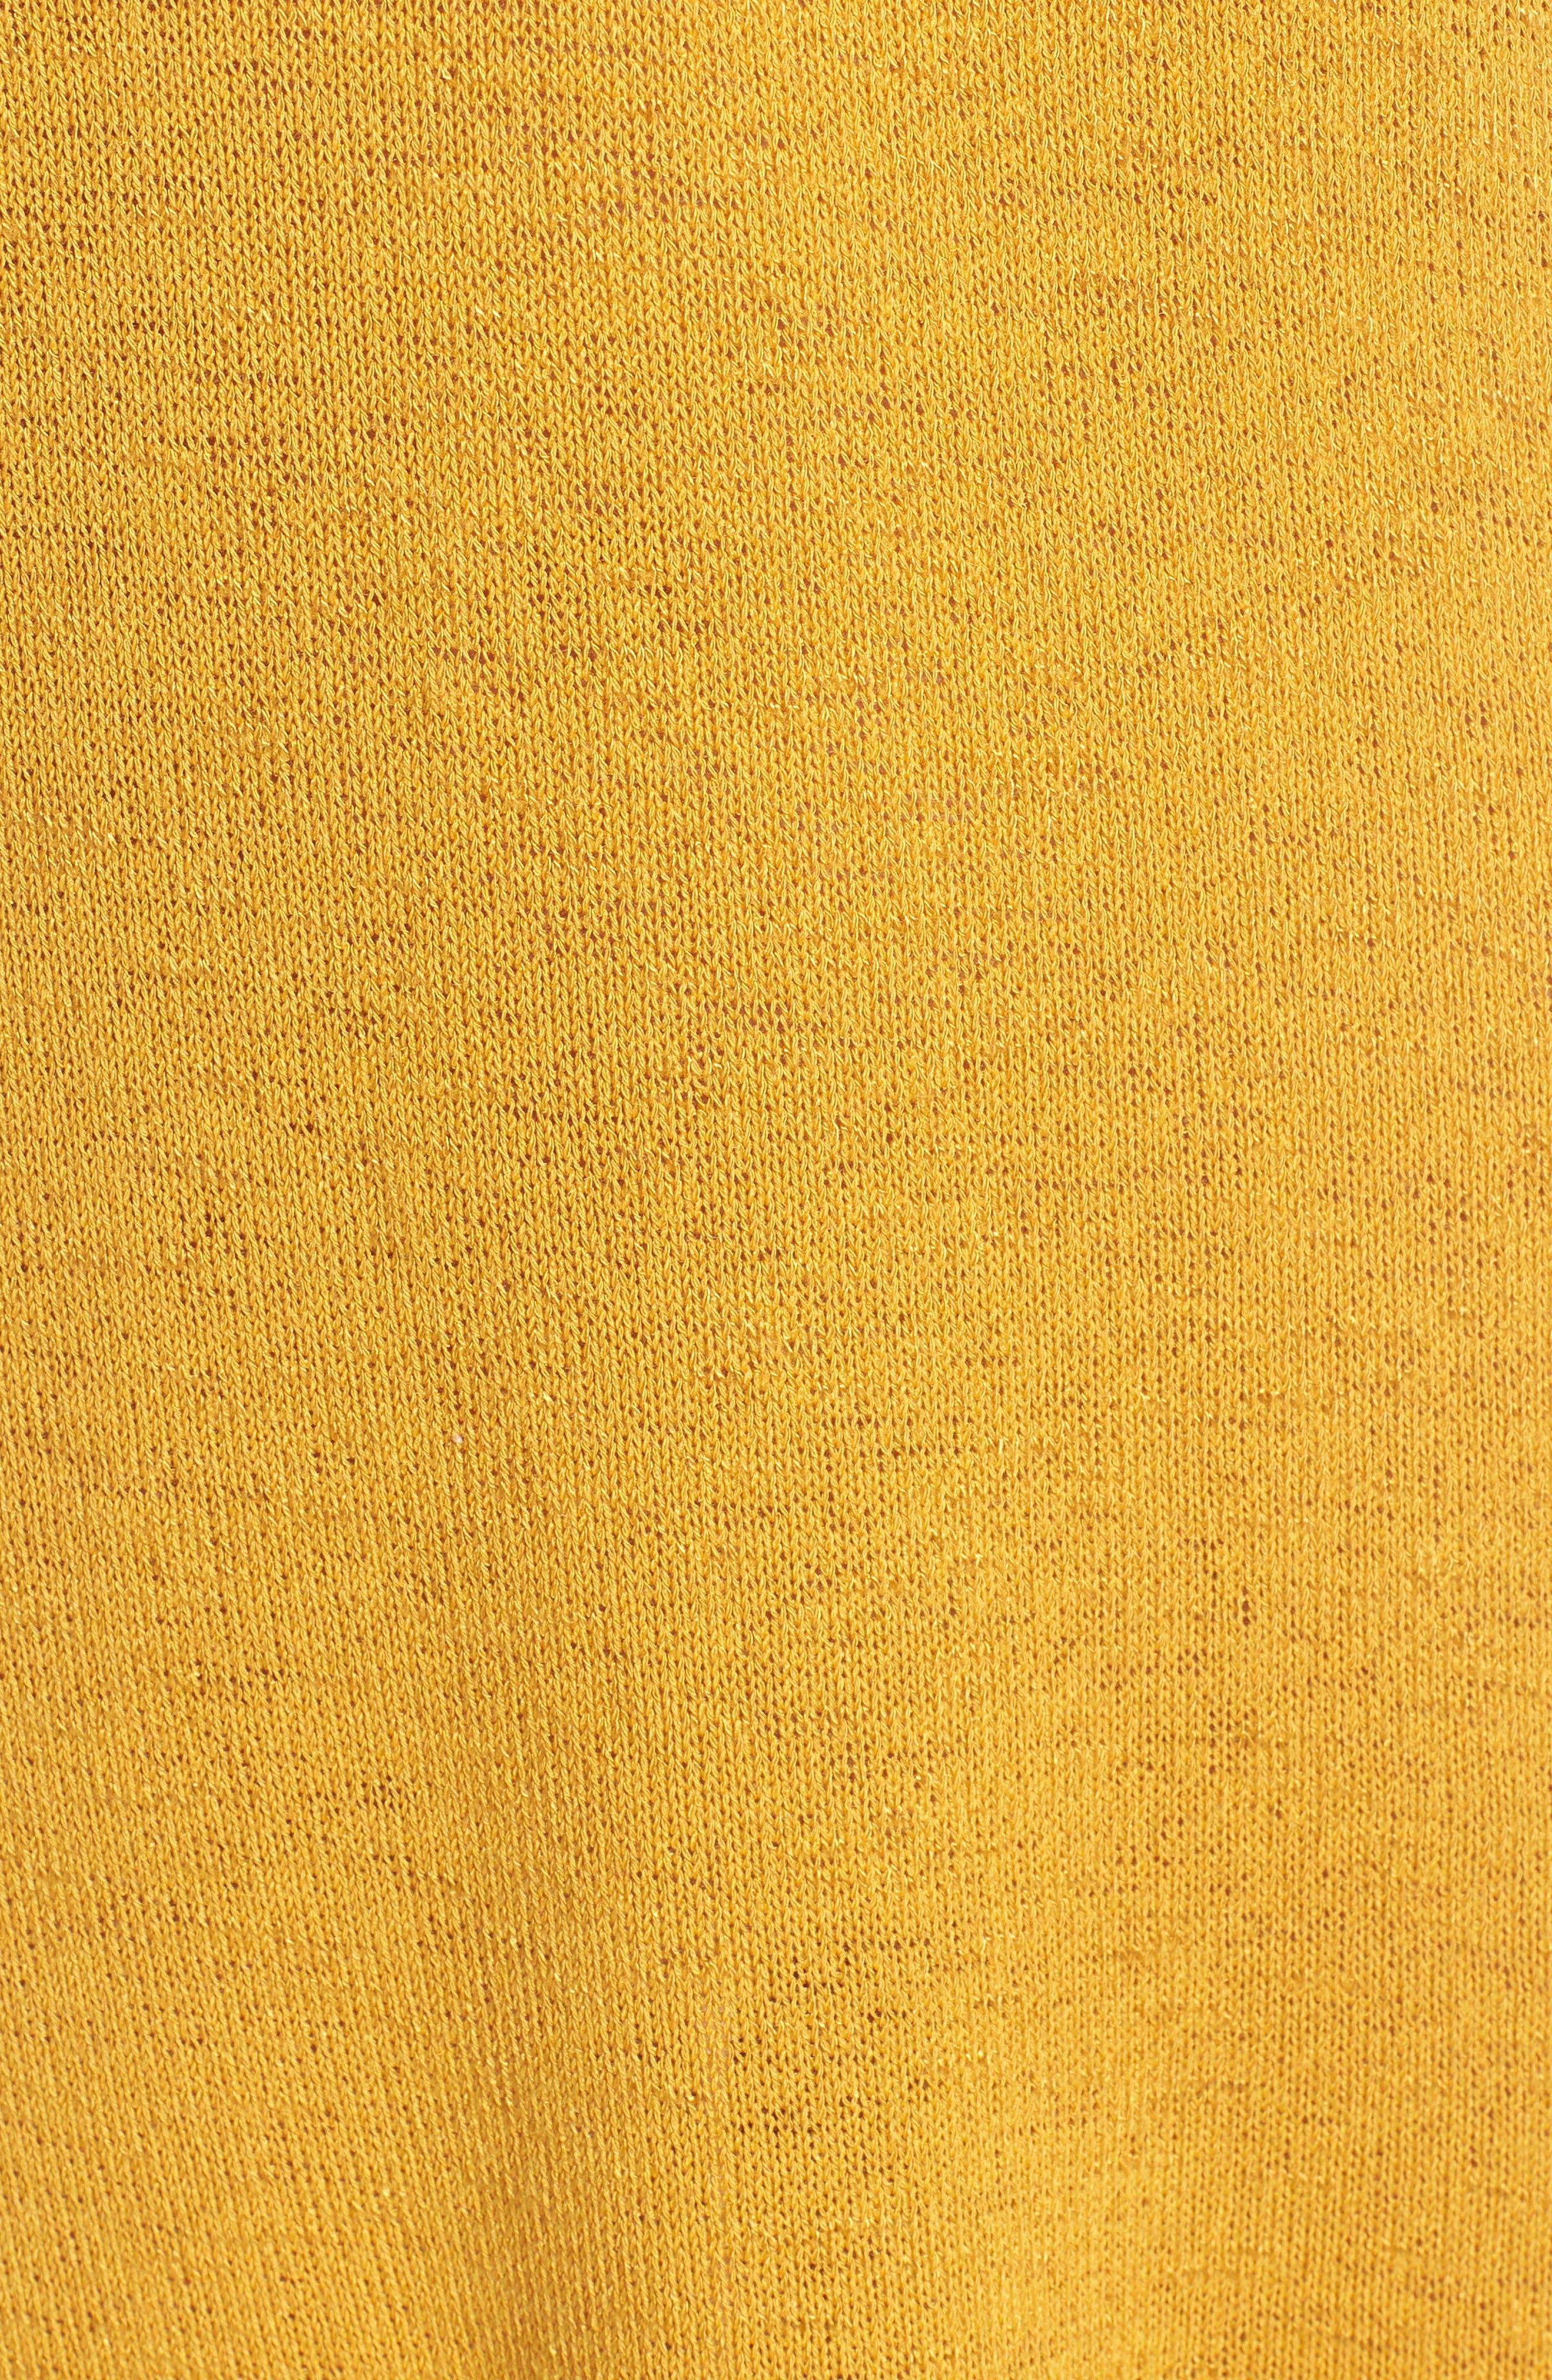 Heat Rising Lace-Up Dress,                             Alternate thumbnail 6, color,                             Saffron